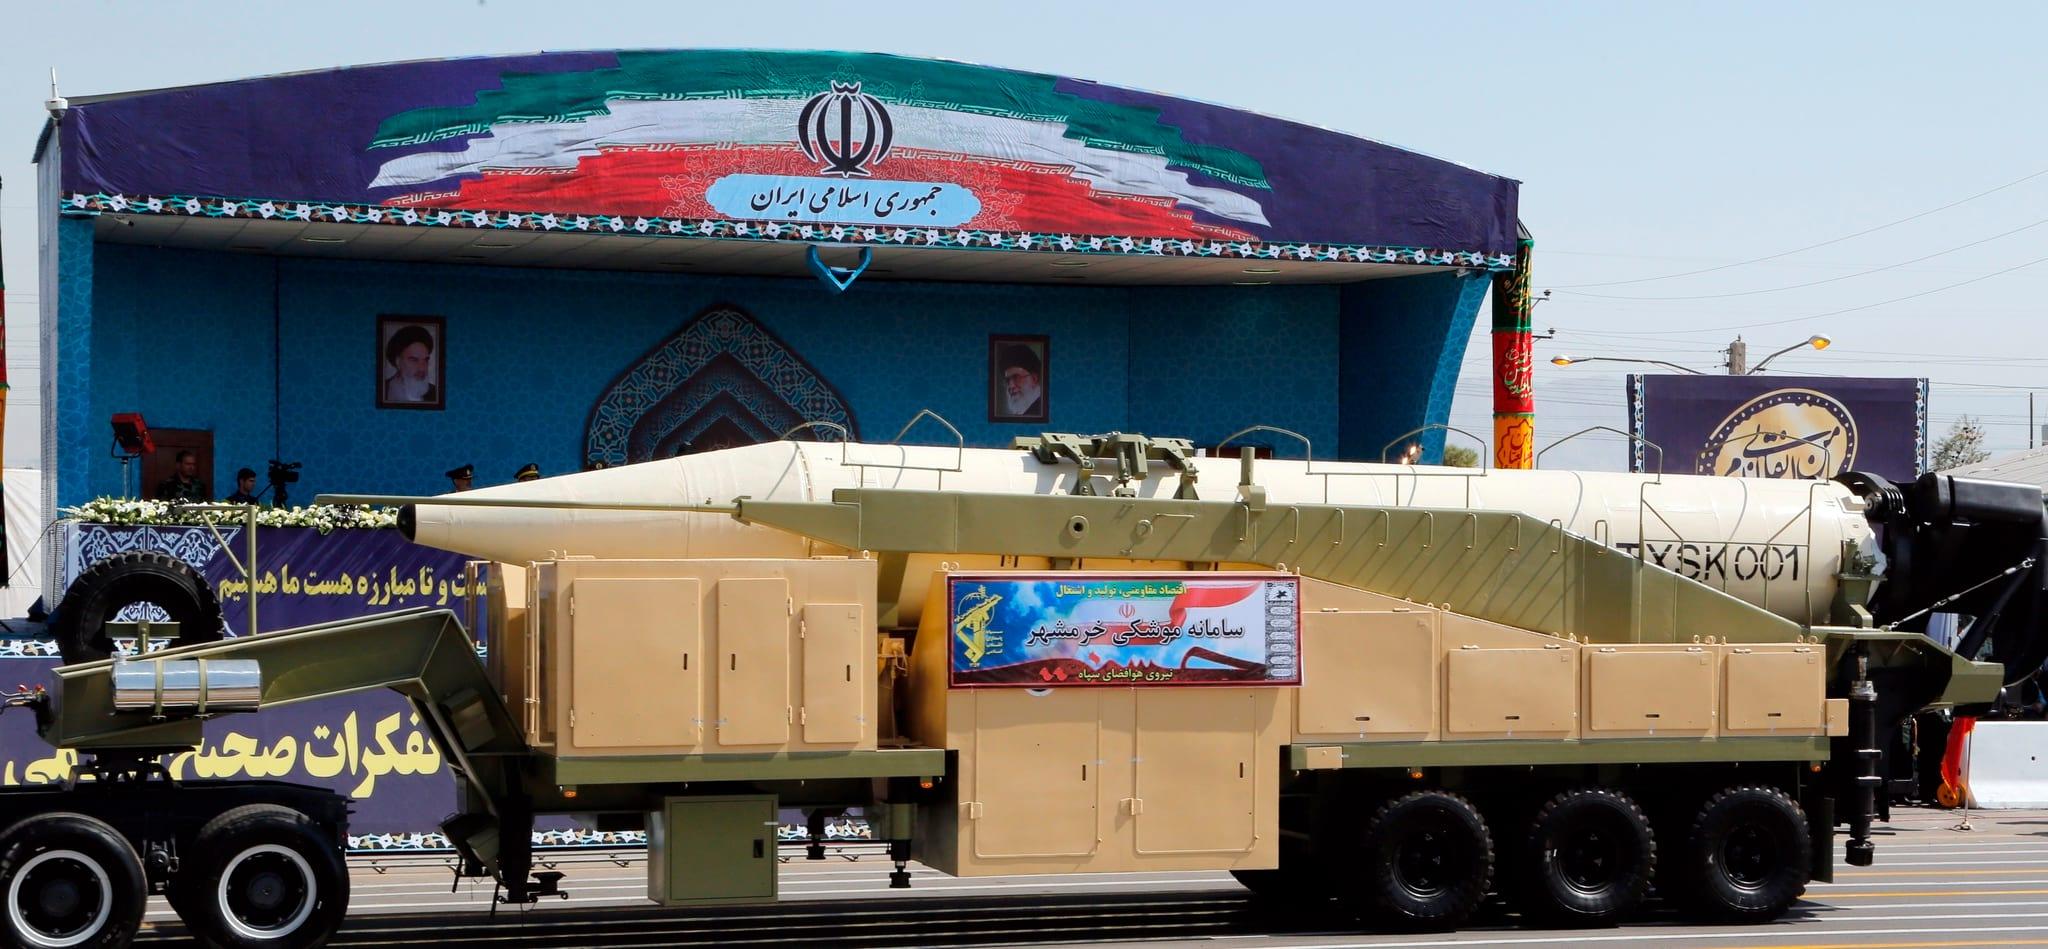 PÚBLICO - Irão testou com sucesso míssil de médio alcance